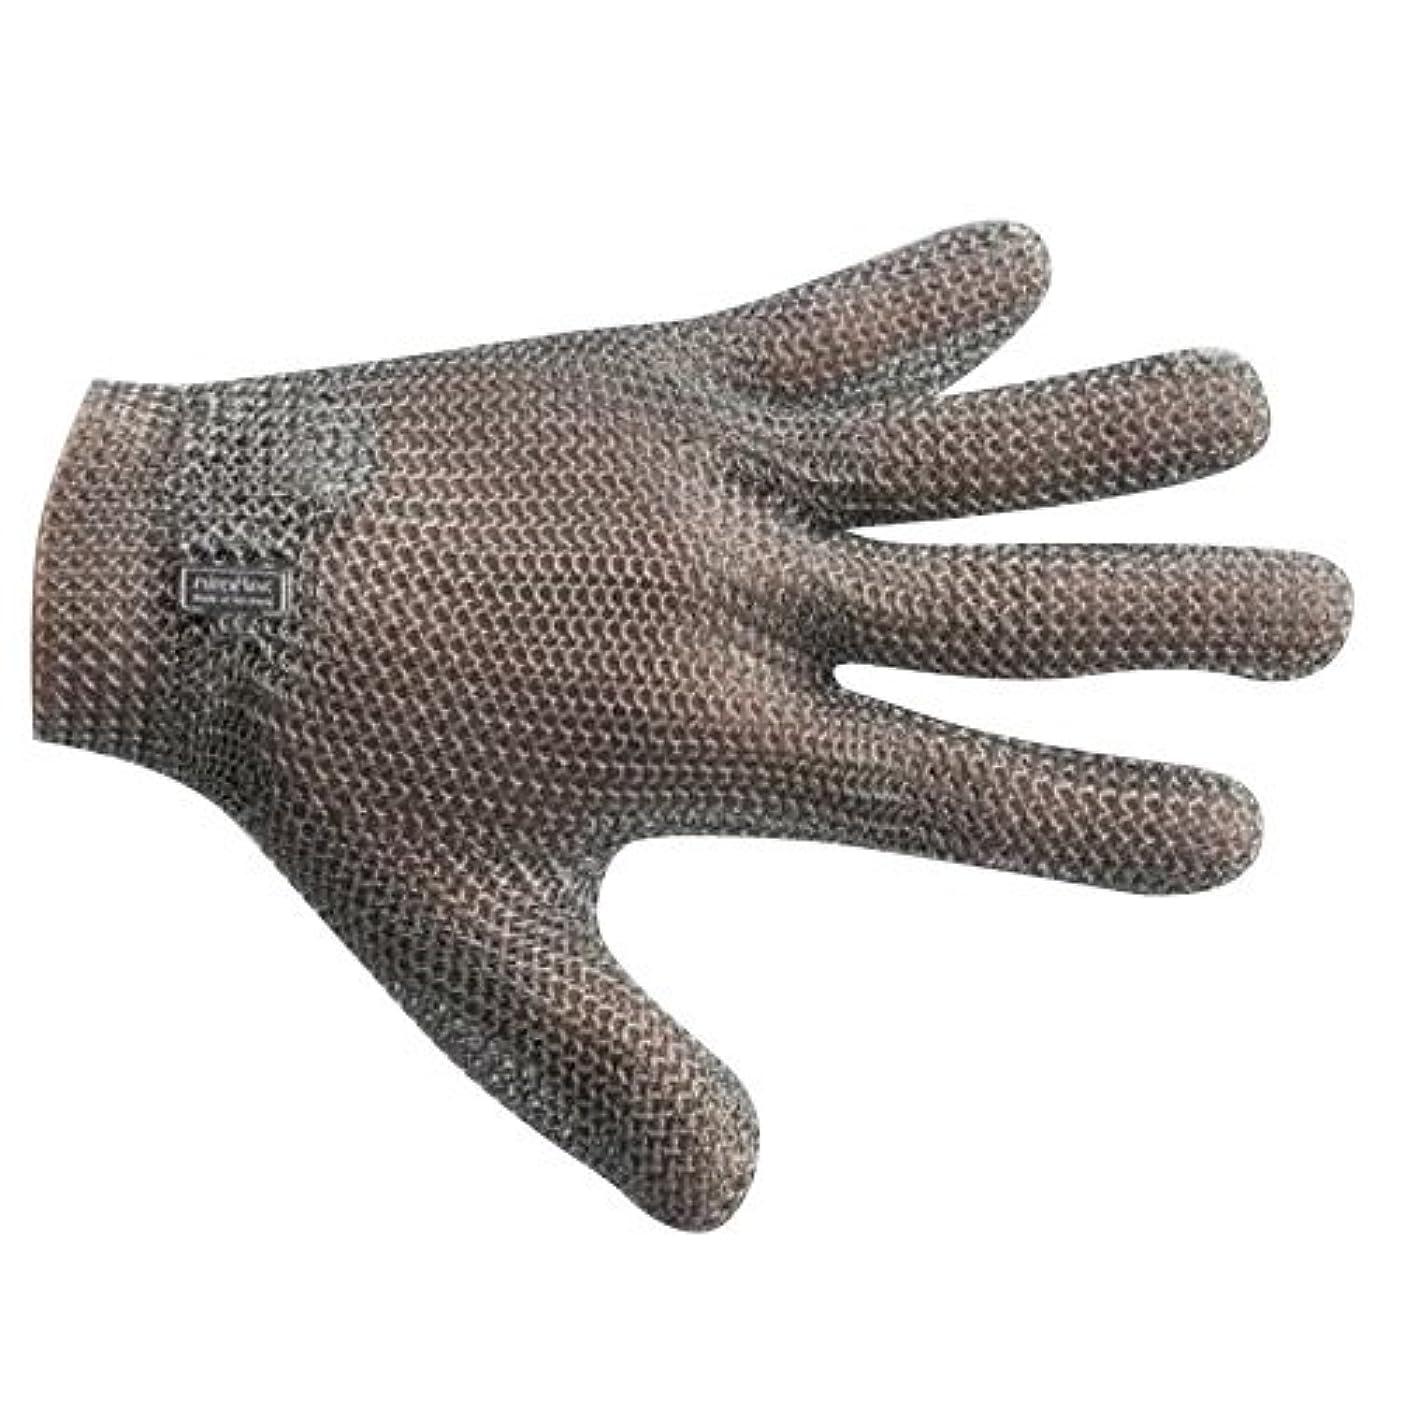 ペックベアリングサークル告発者宇都宮製作 GU-2500 ステンレスメッシュ手袋 5本指(左右兼用) S